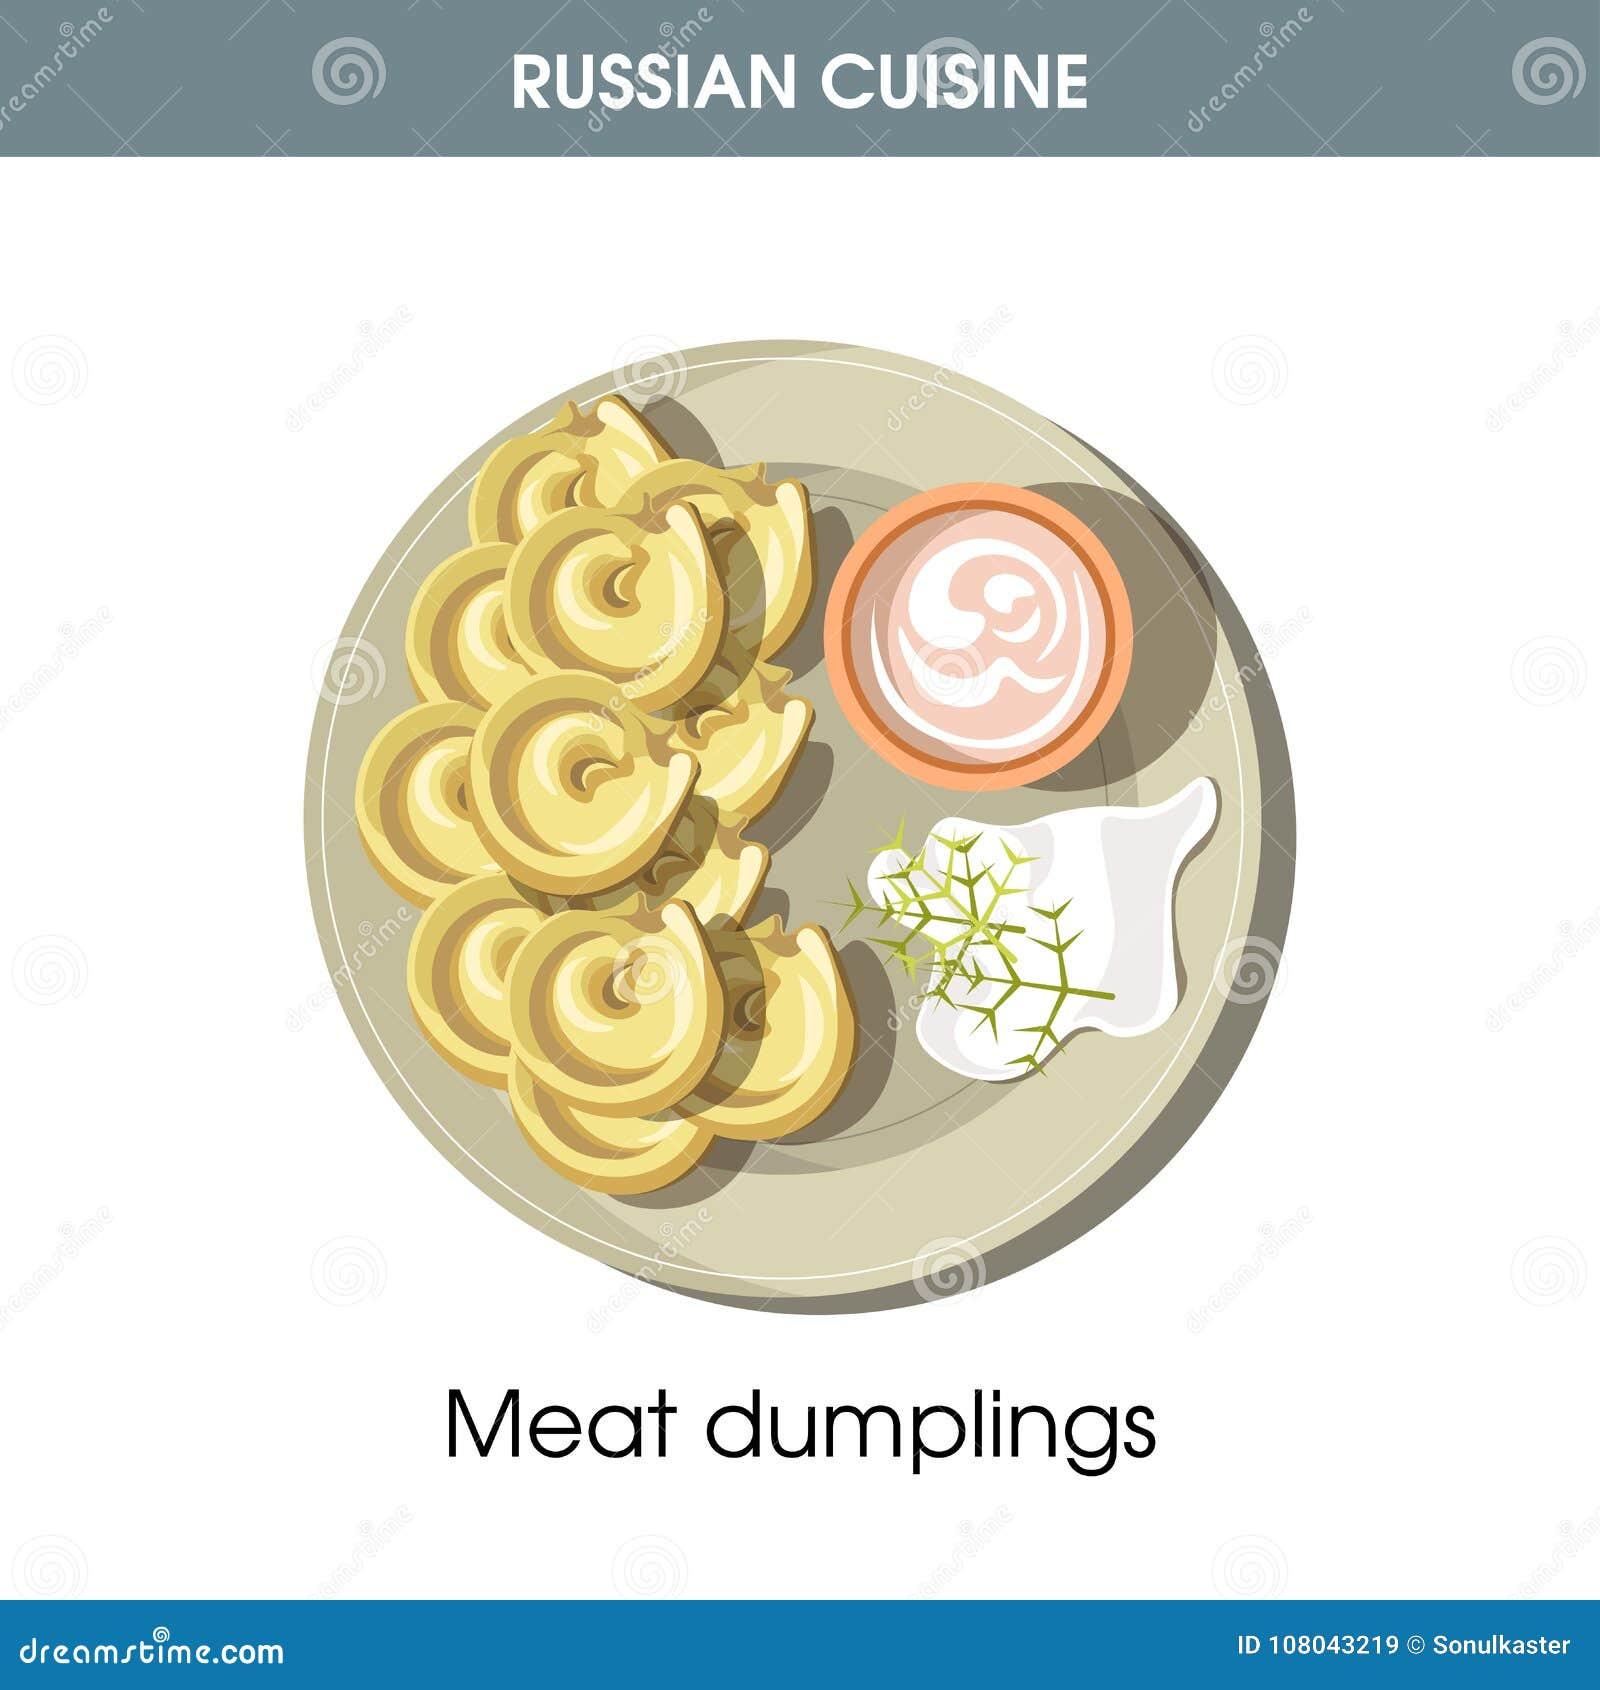 Köttklimpar med gräddfil från rysk kokkonst